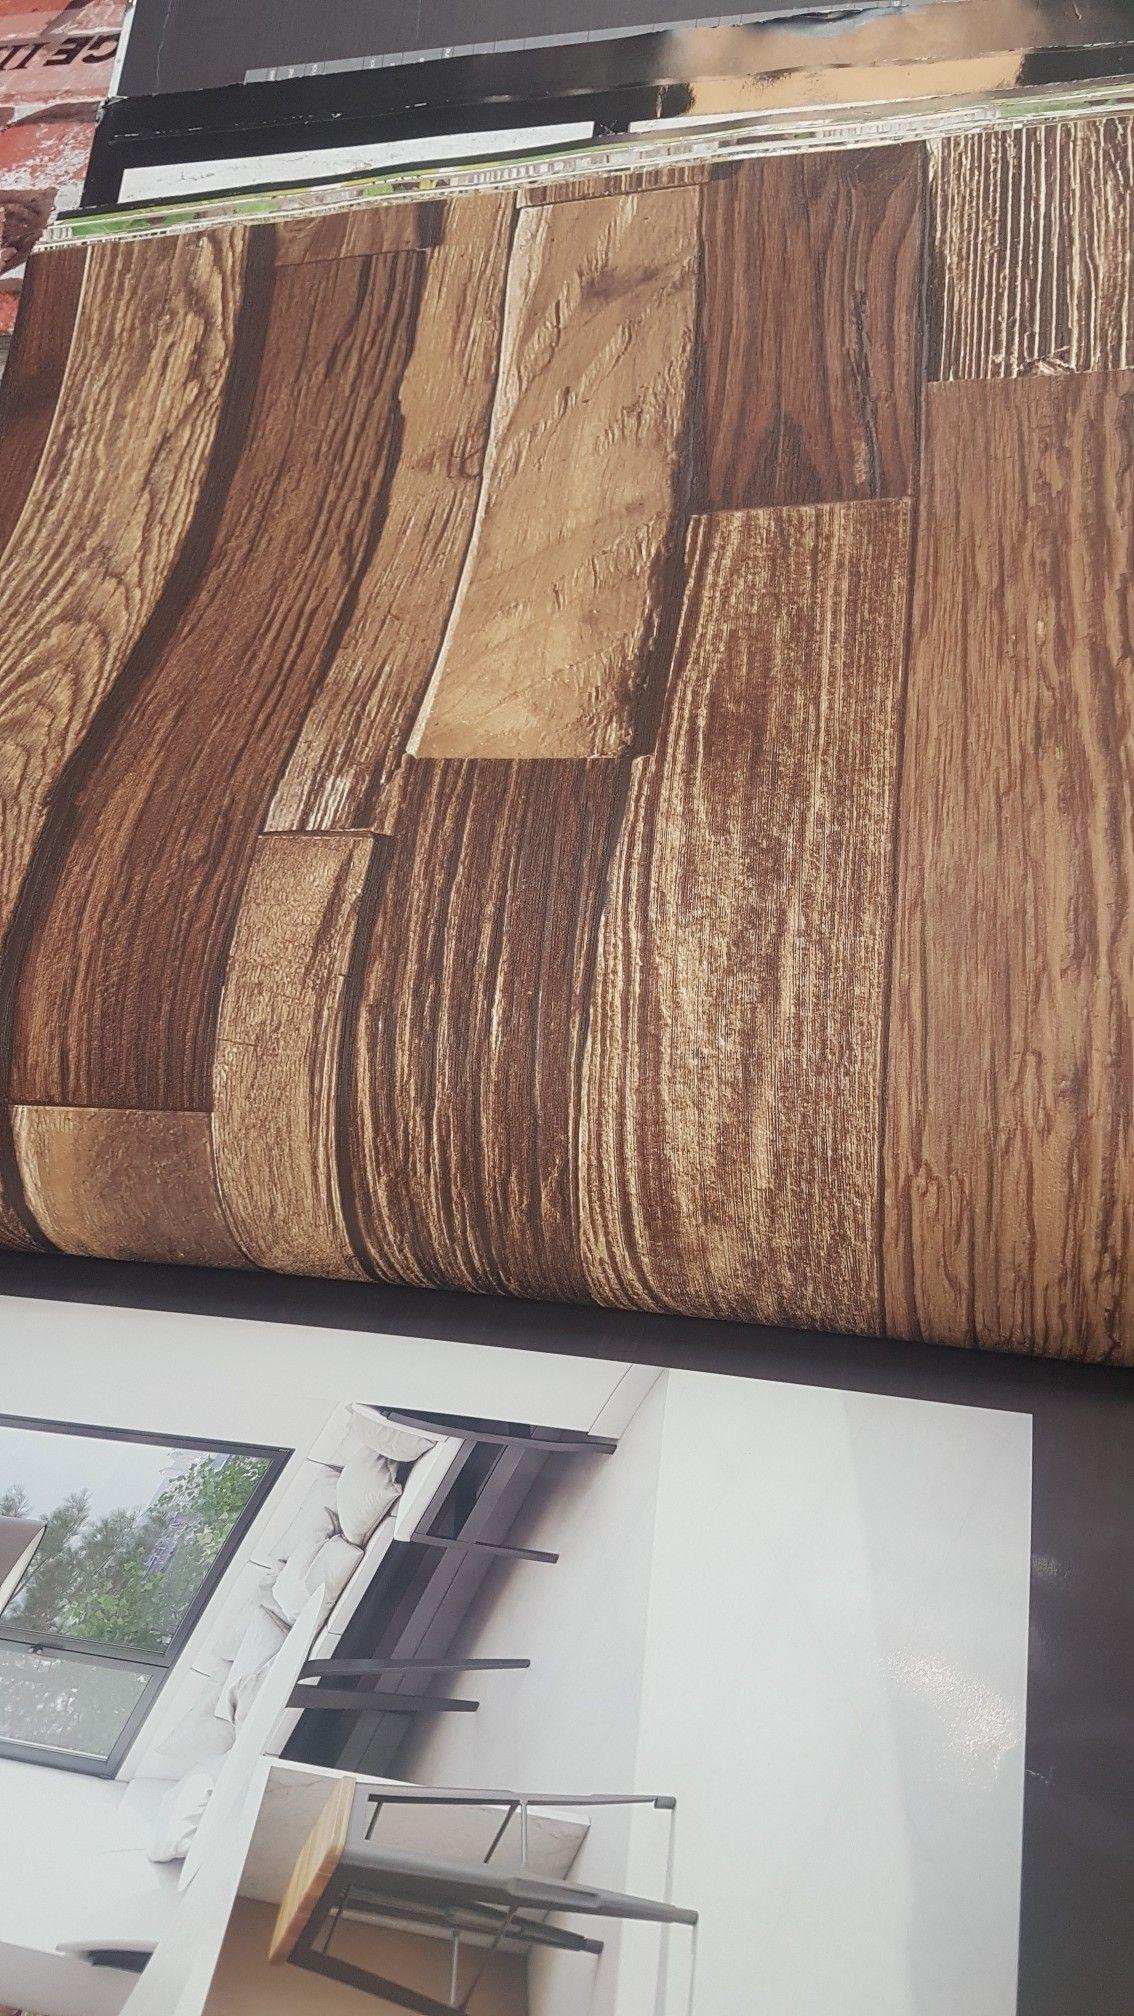 محمود الجاسم للتعهدات والديكور في لبنان للتواصل الاتصال بالرقم 0096171170181 تعهدات ديكورات شركة تنفيذ ديكورات عامة داخلي تنفيذ ديك 3d Wallpaper Wood Wallpaper